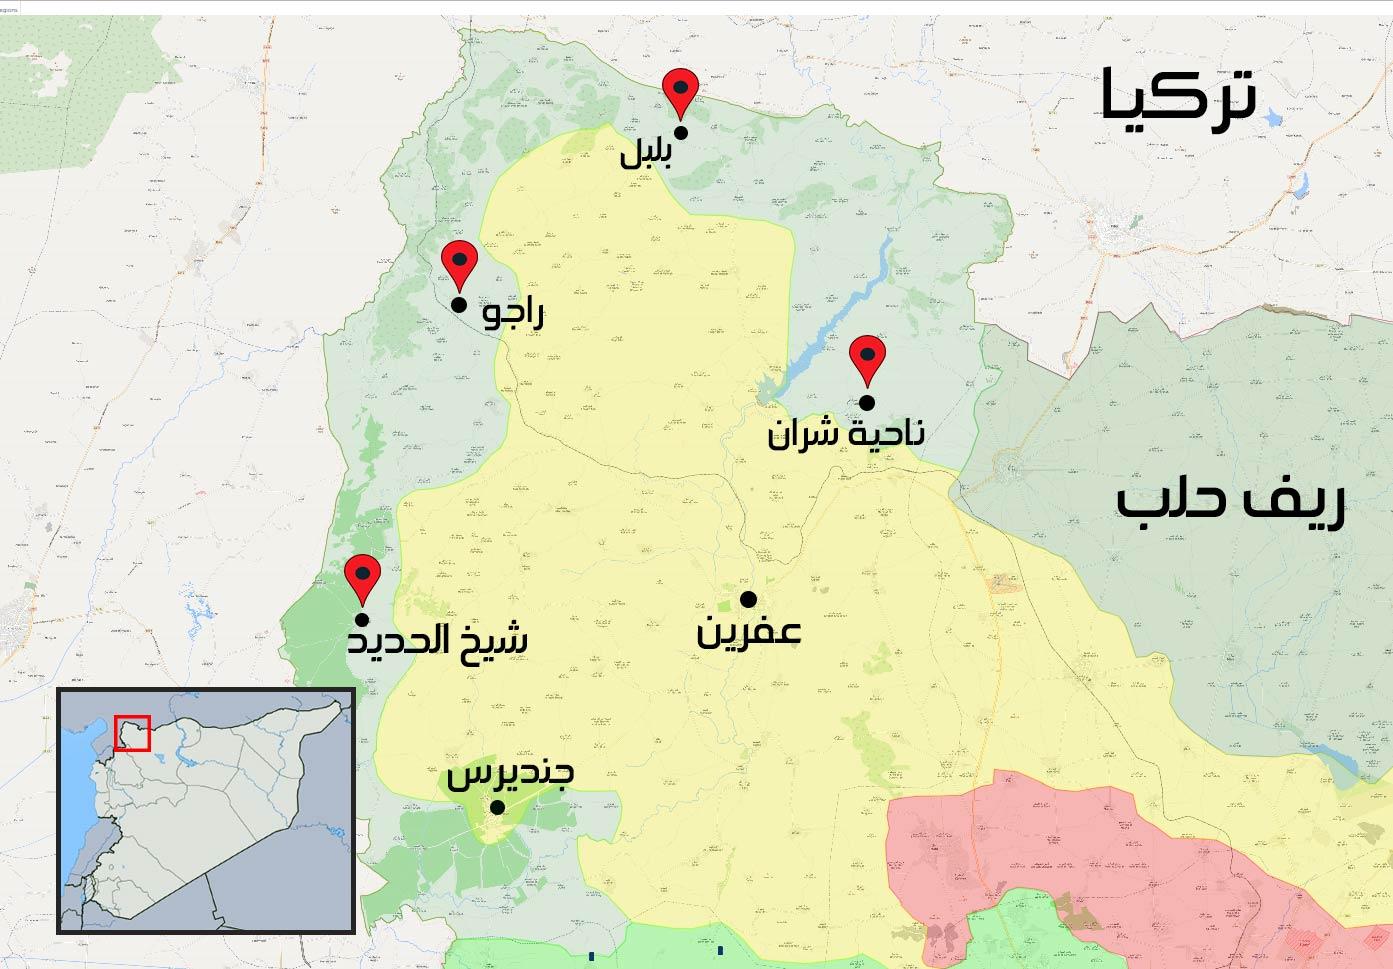 خريطة توضح مواقع النواحي الخمس التي سيطرت عليها فصائل الجيش الحر في عفرين – 8 آذار 2018 (عنب بلدي)